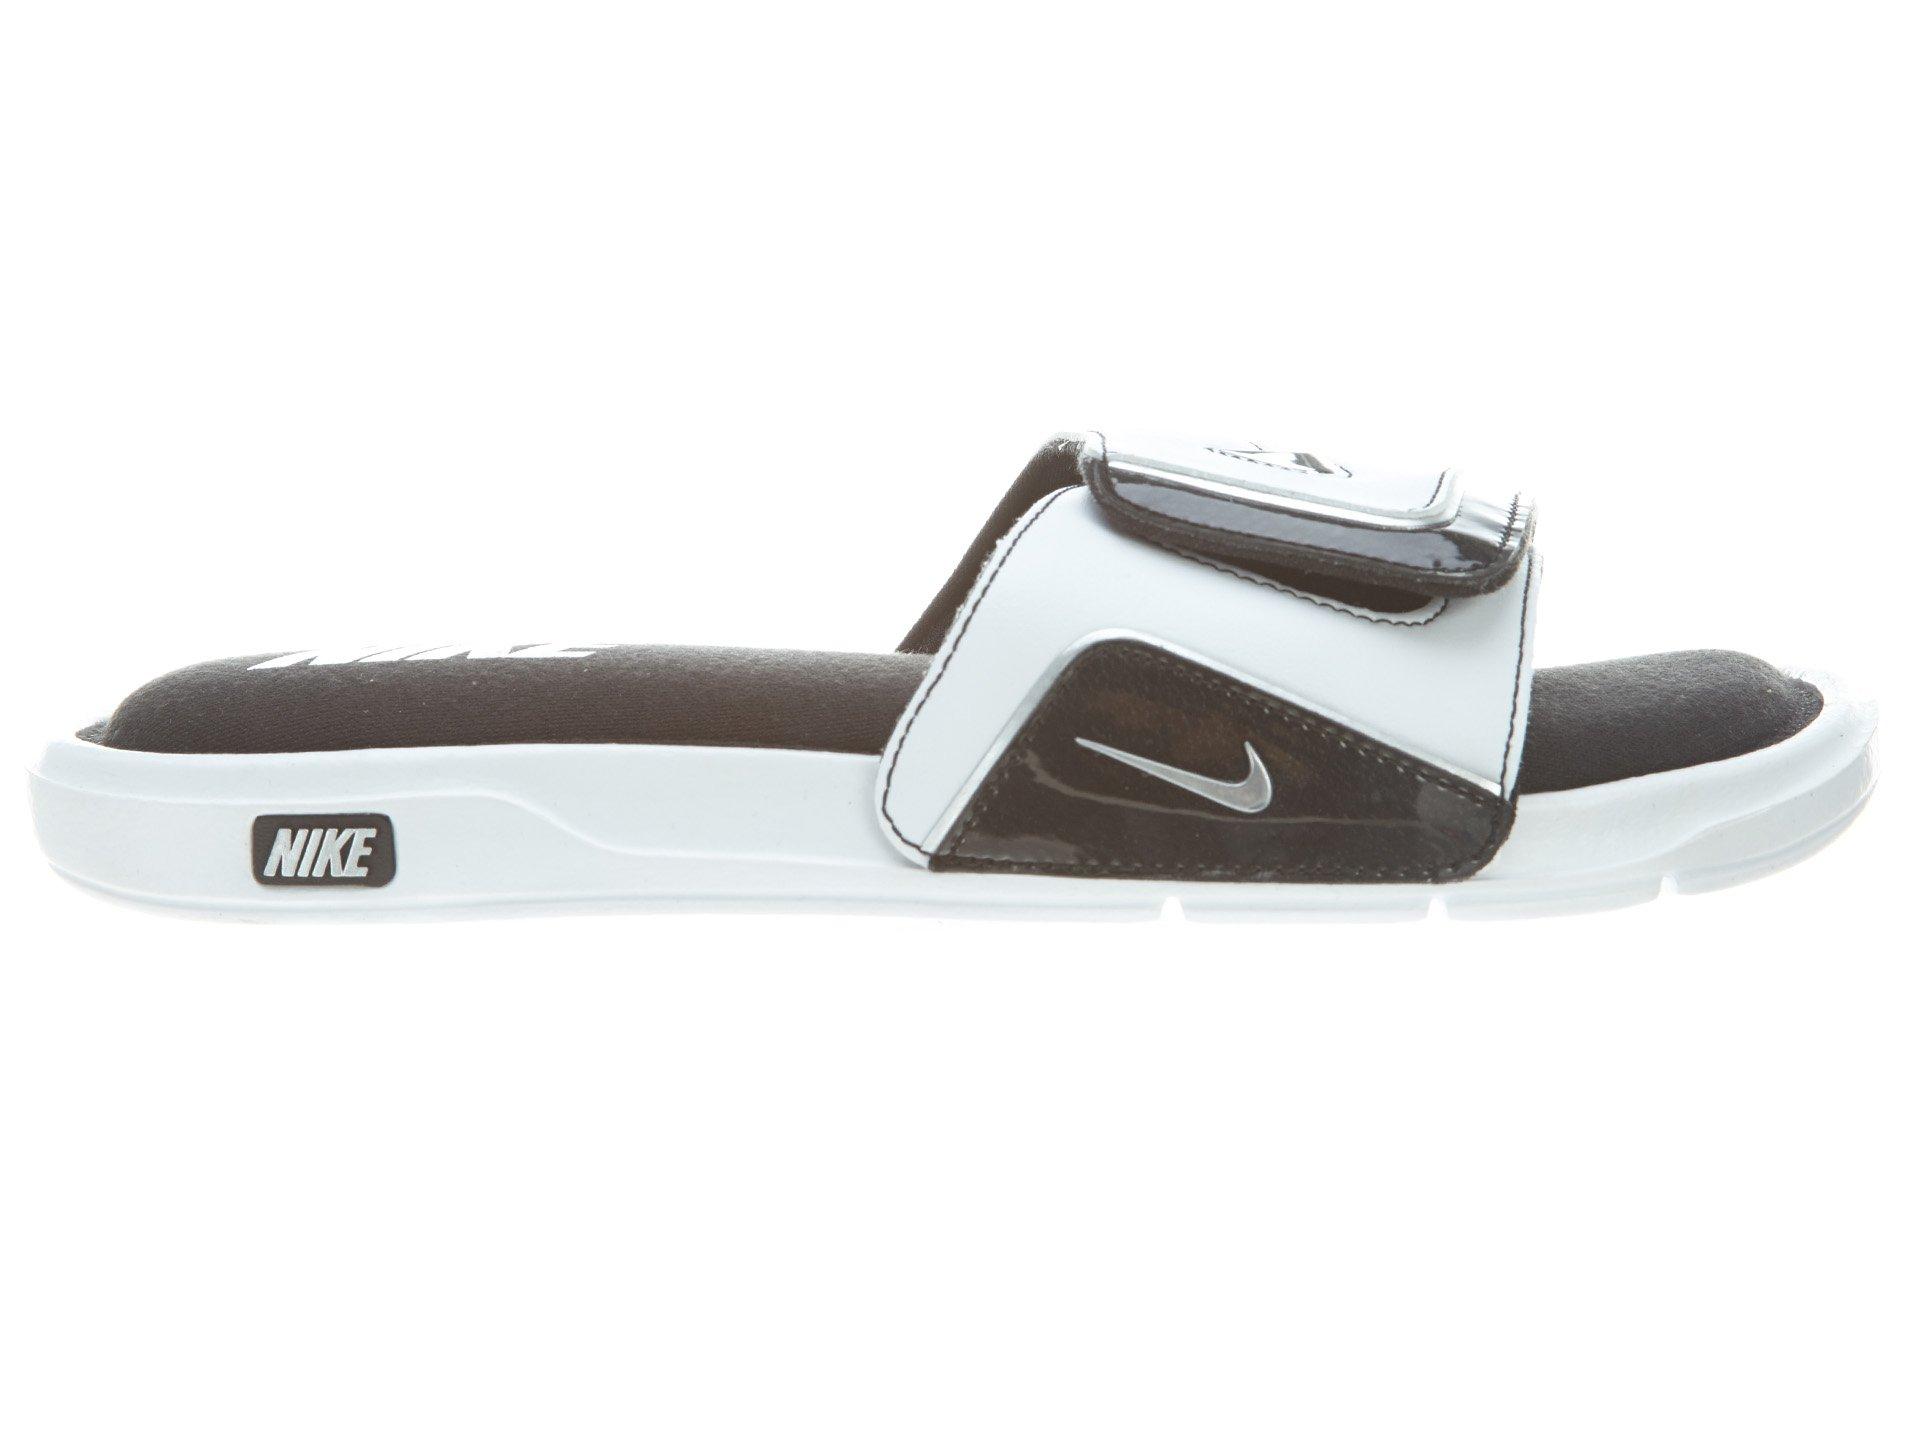 9933351107b Galleon - Nike New Men s Comfort Slide 2 Sandals White Black 10